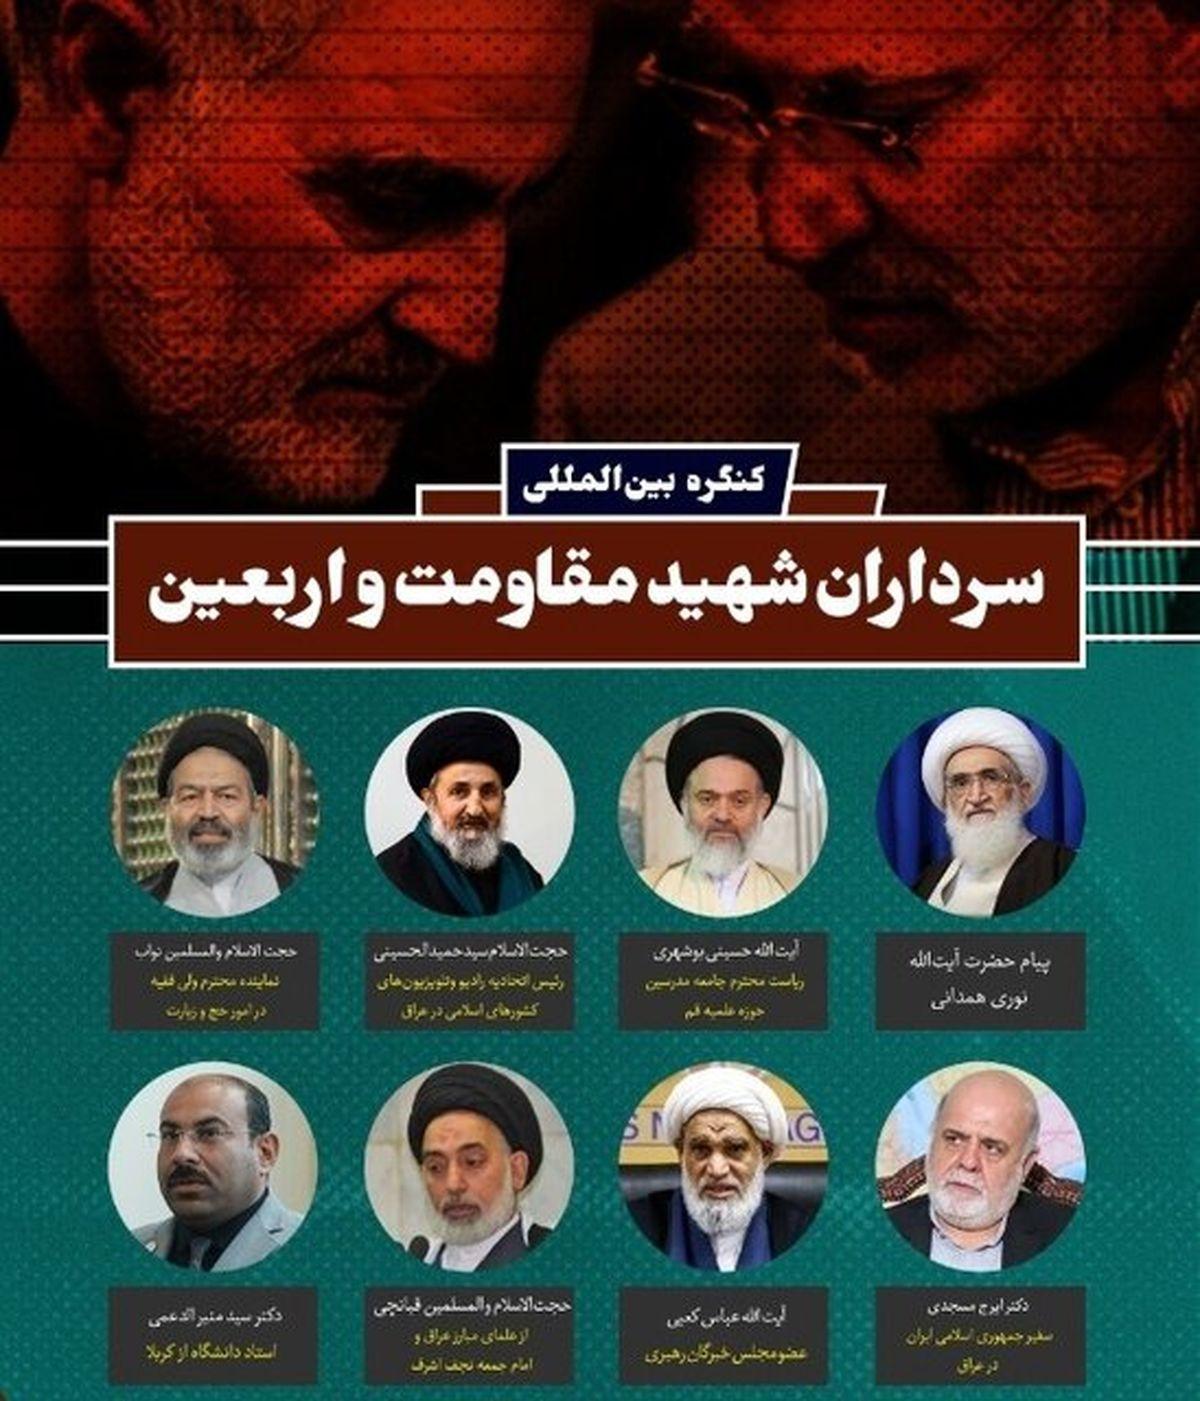 نظر مراجع تقلید و نمایندگان عراق درباره شهید سلیمانی